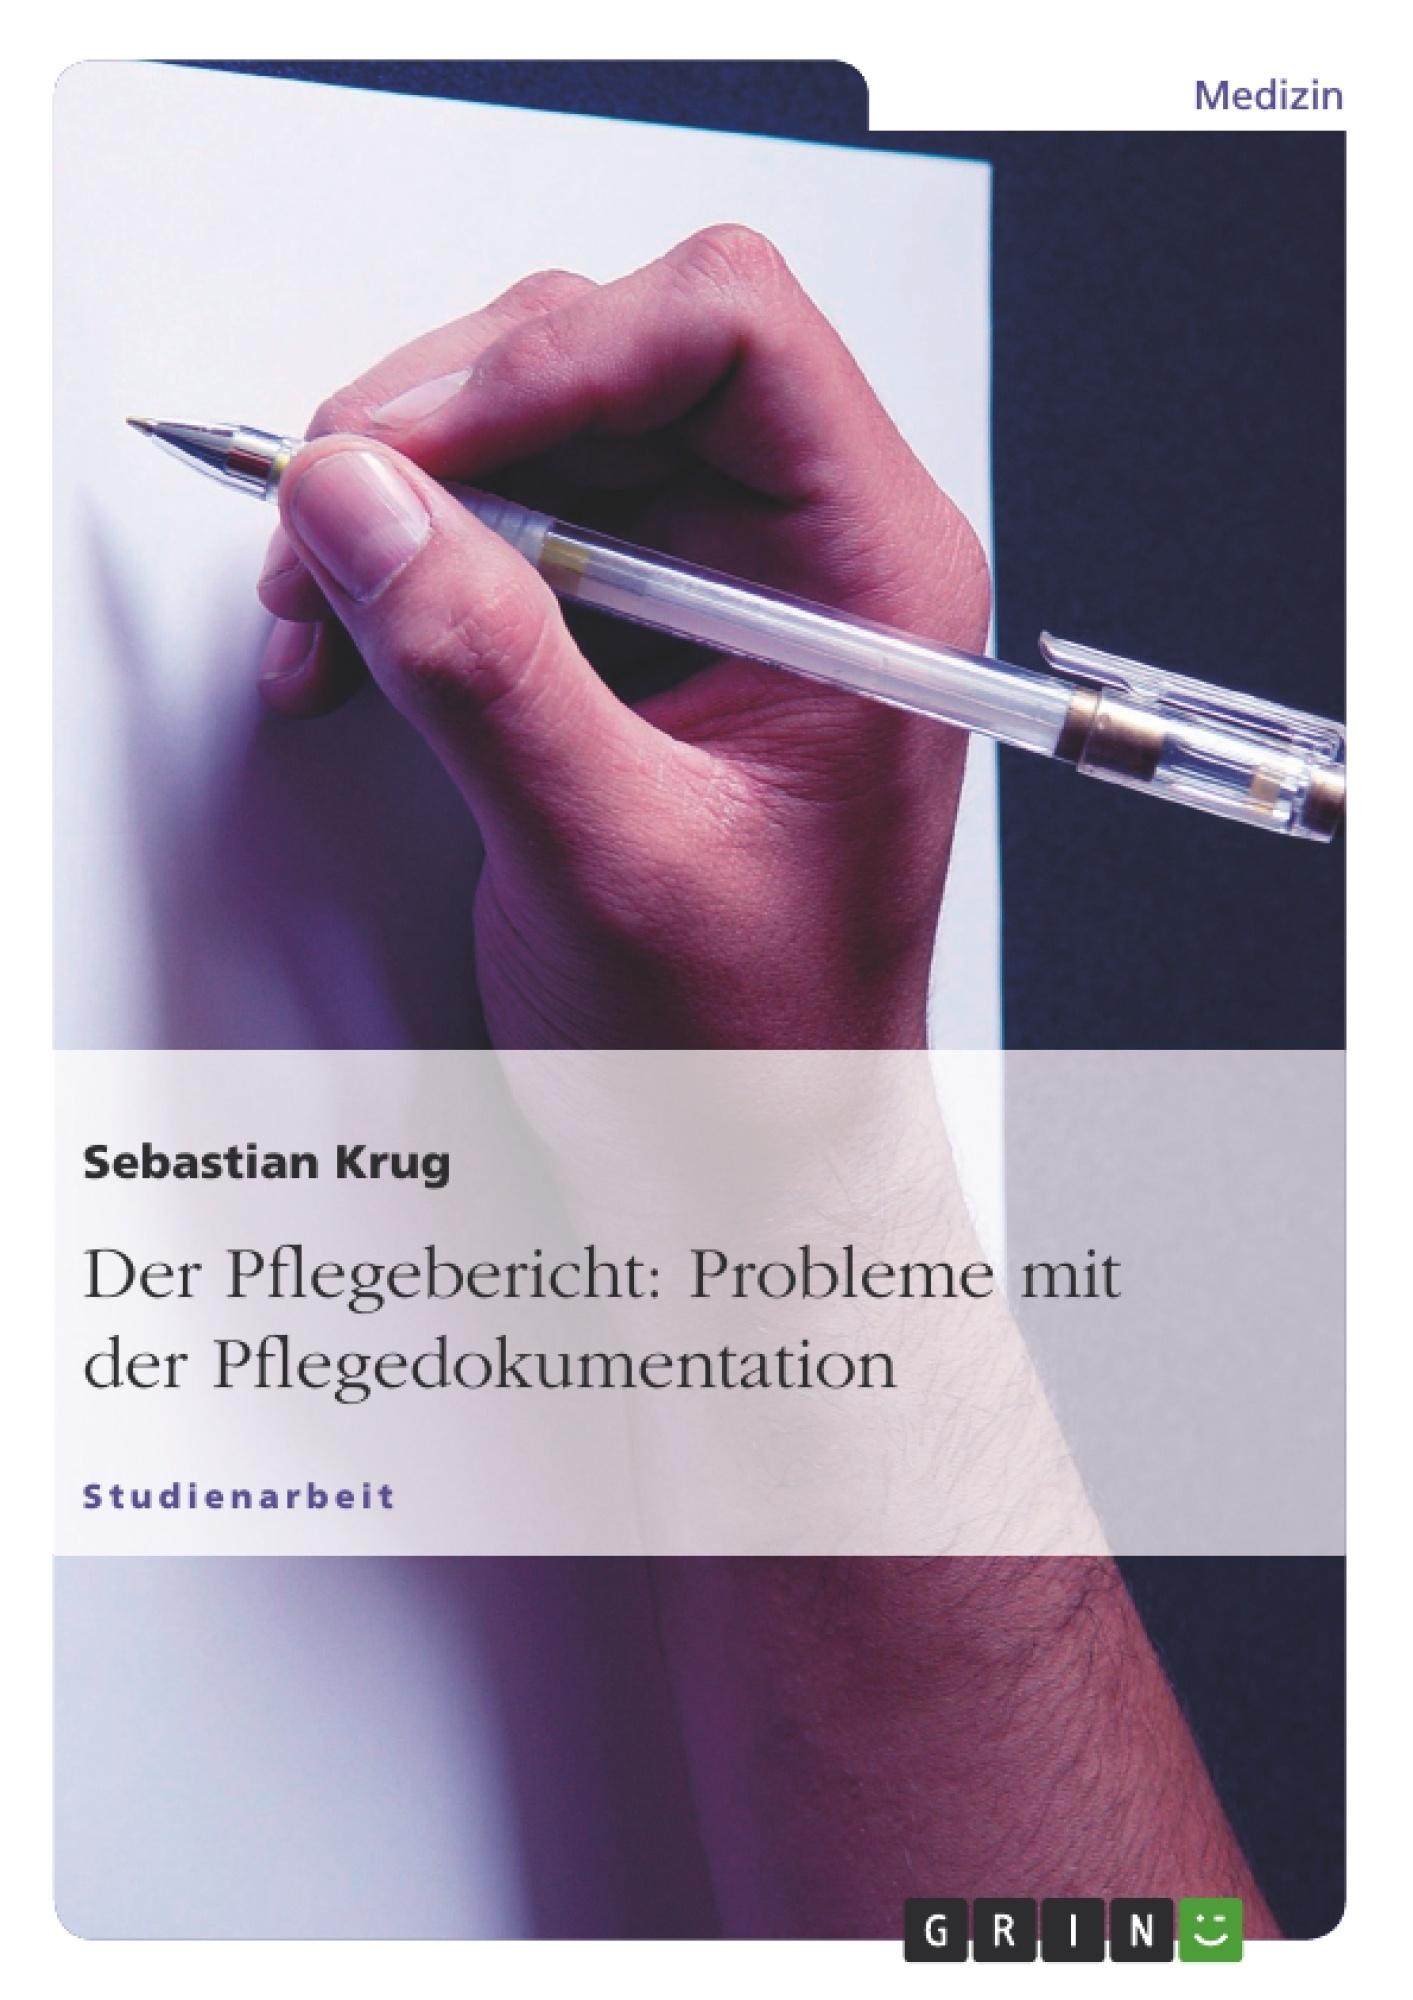 Titel: Der Pflegebericht: Probleme mit der Pflegedokumentation